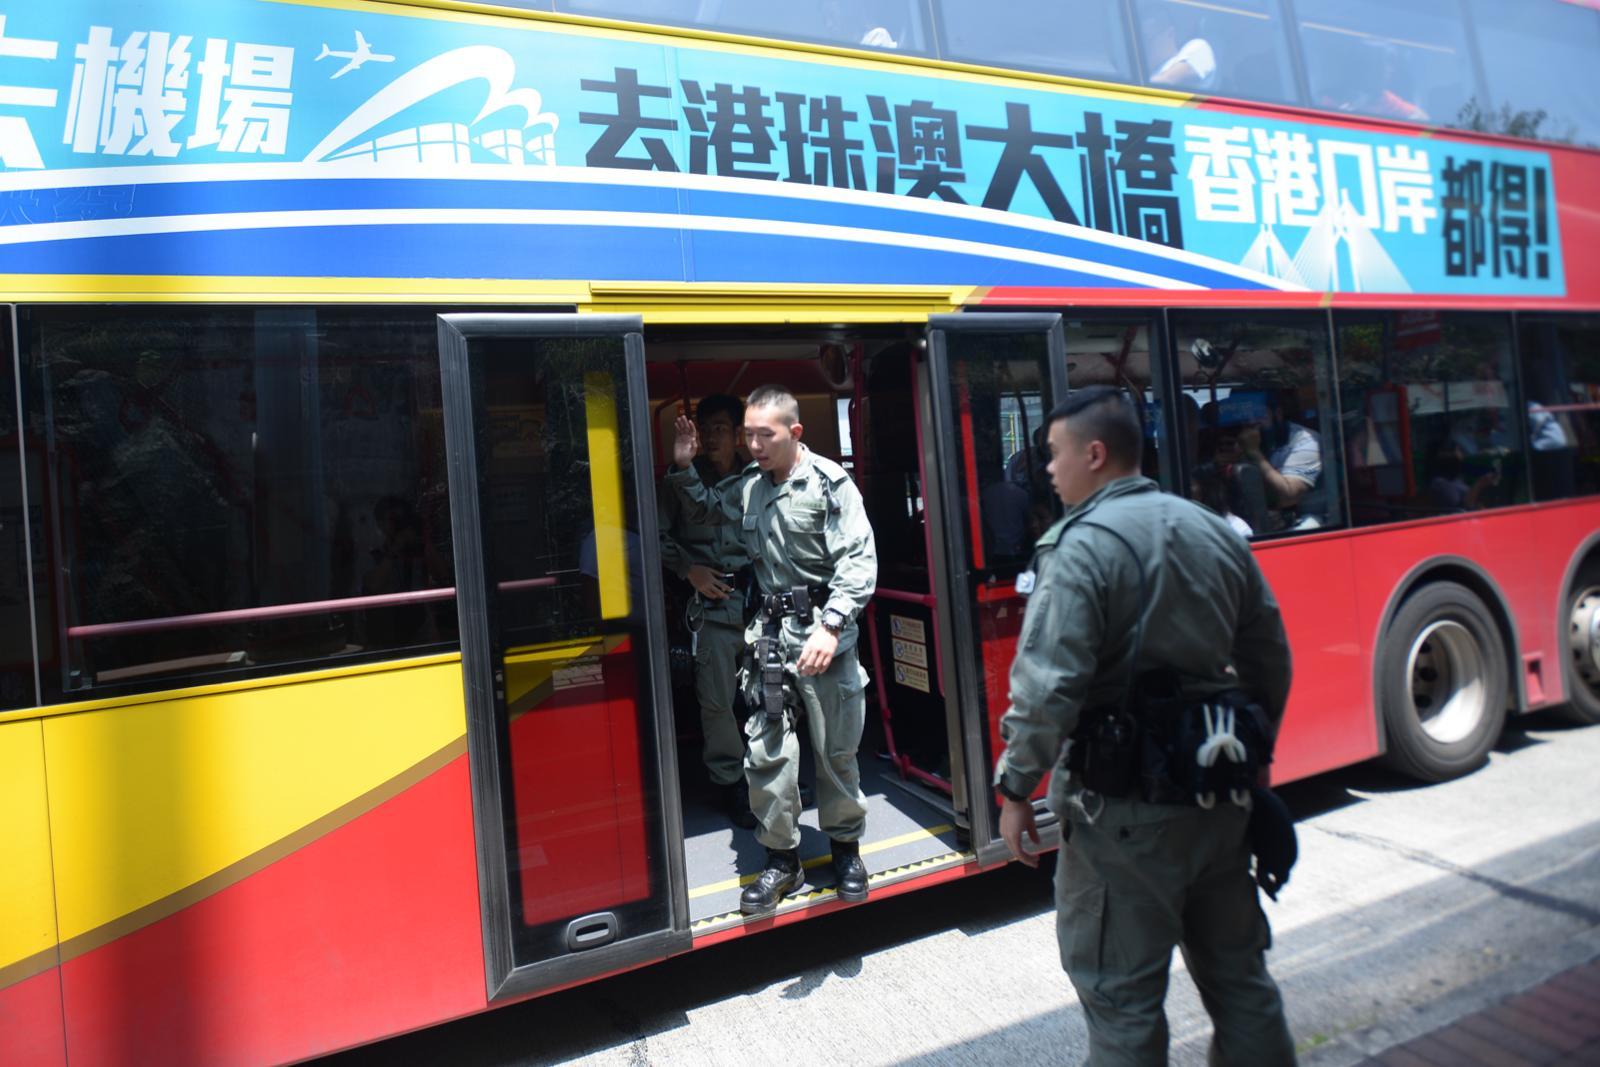 警員於青馬收費廣場截查前往機場的巴士。